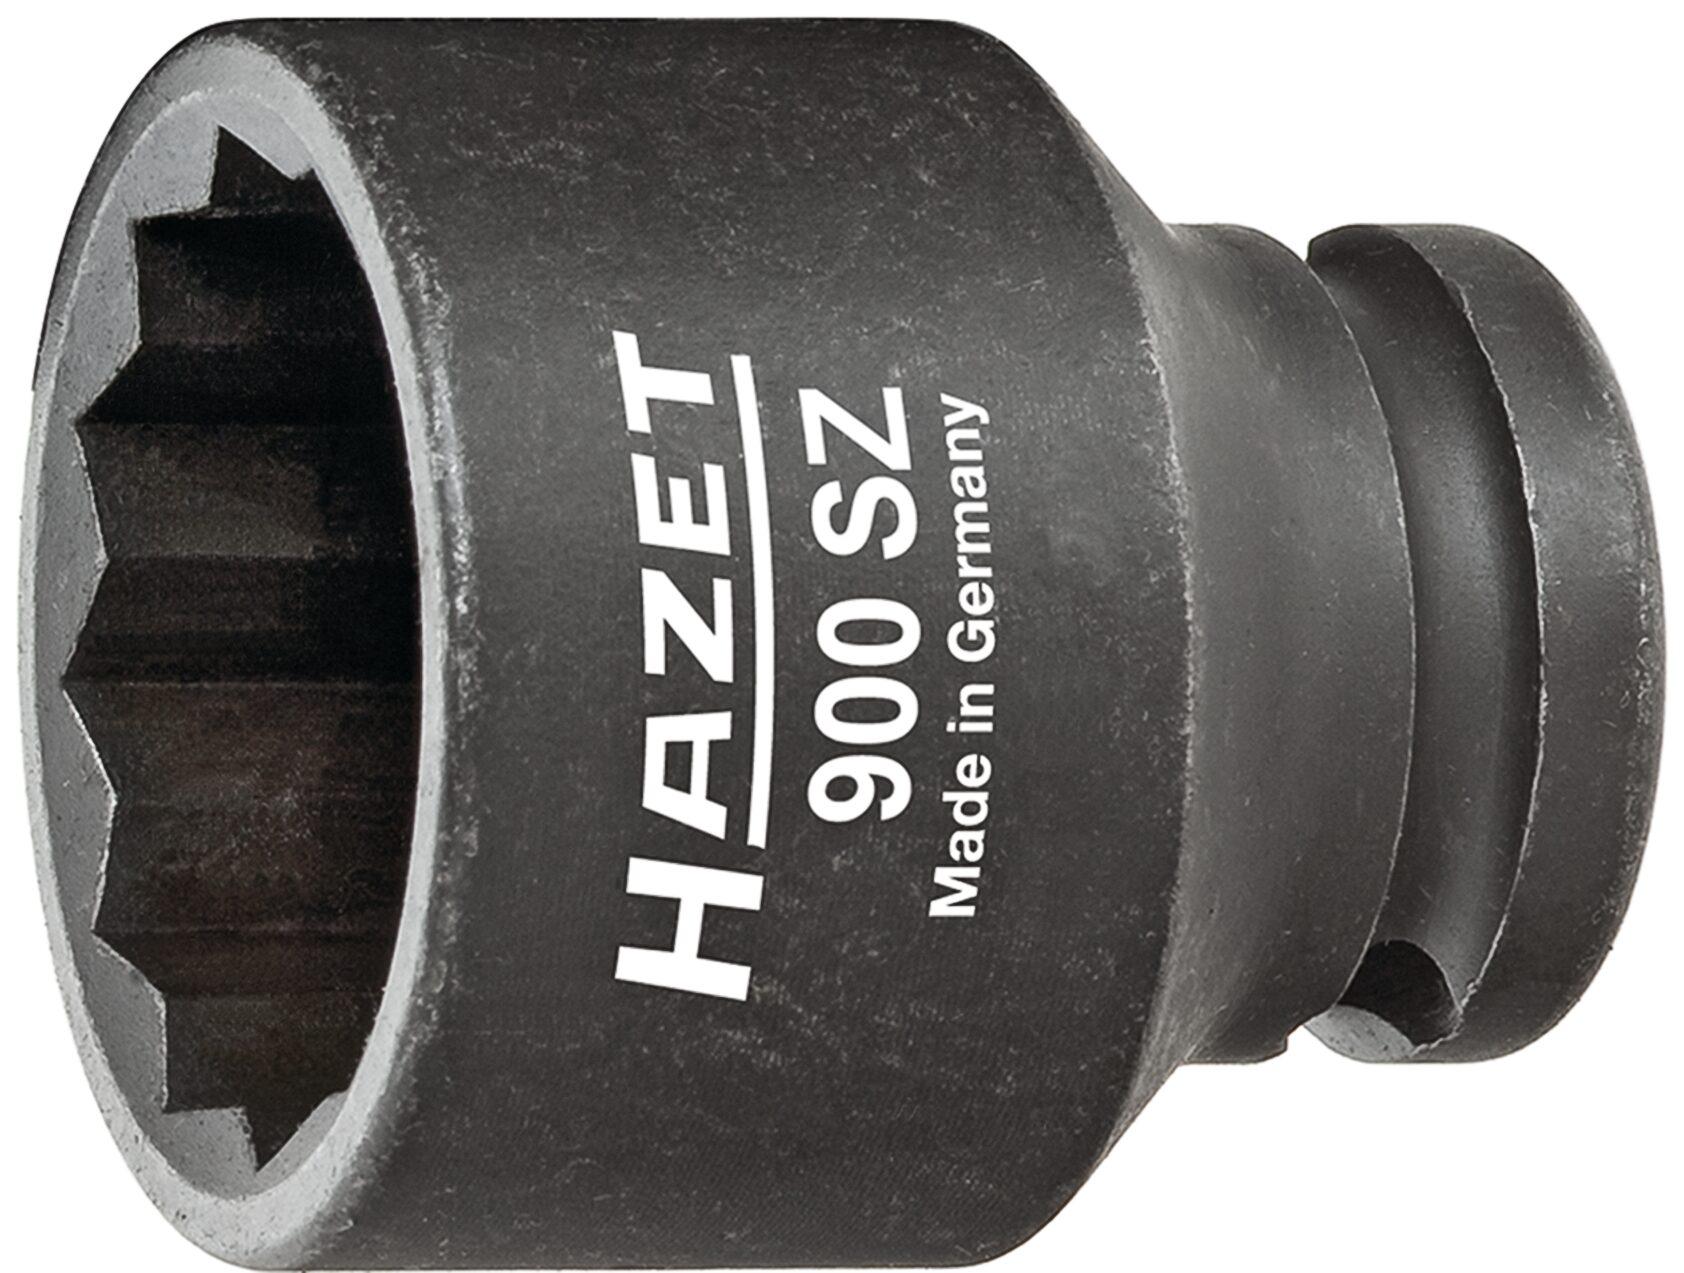 HAZET Schlag- ∙ Maschinenschrauber Steckschlüsseleinsatz ∙ Doppelsechskant 900SZ-24 ∙ Vierkant hohl 12,5 mm (1/2 Zoll)